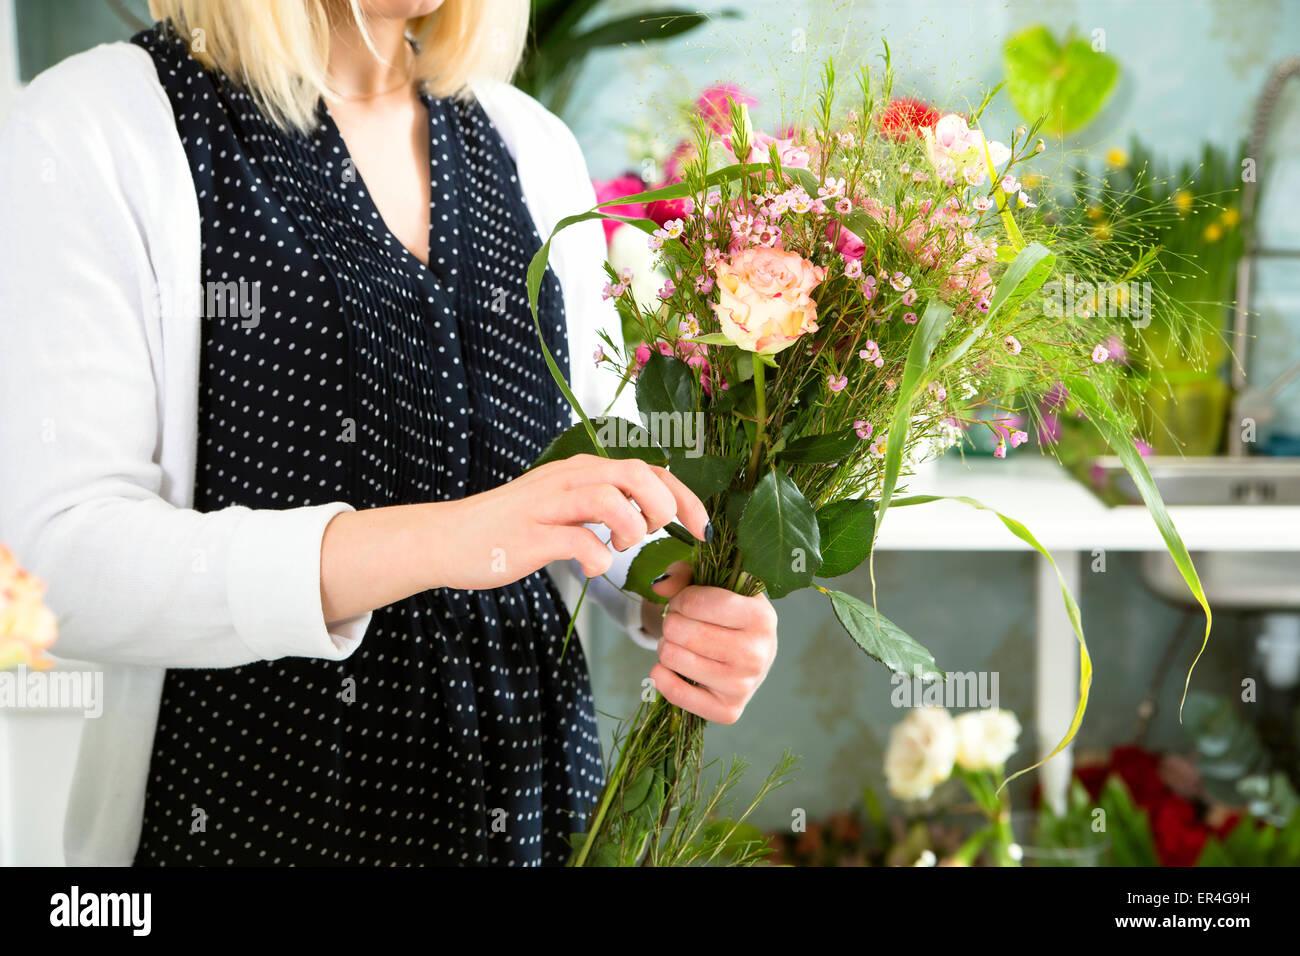 Une jeune femme bien-aimé finition composition florale Photo Stock